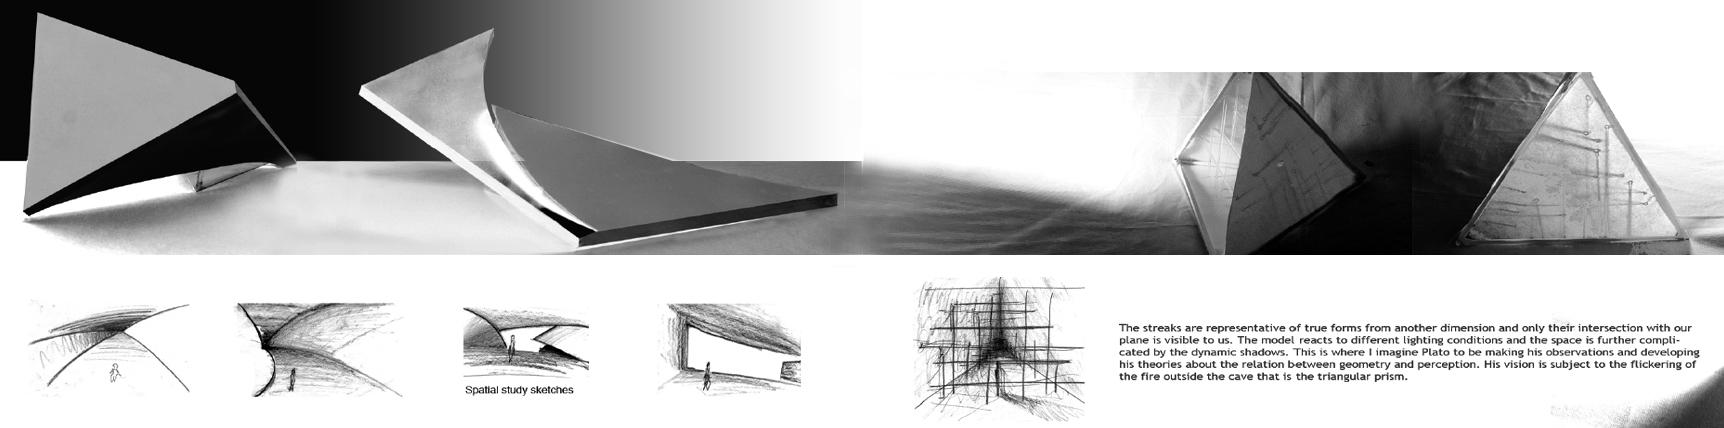 student portfolio case studies architecture school portfolio. Black Bedroom Furniture Sets. Home Design Ideas